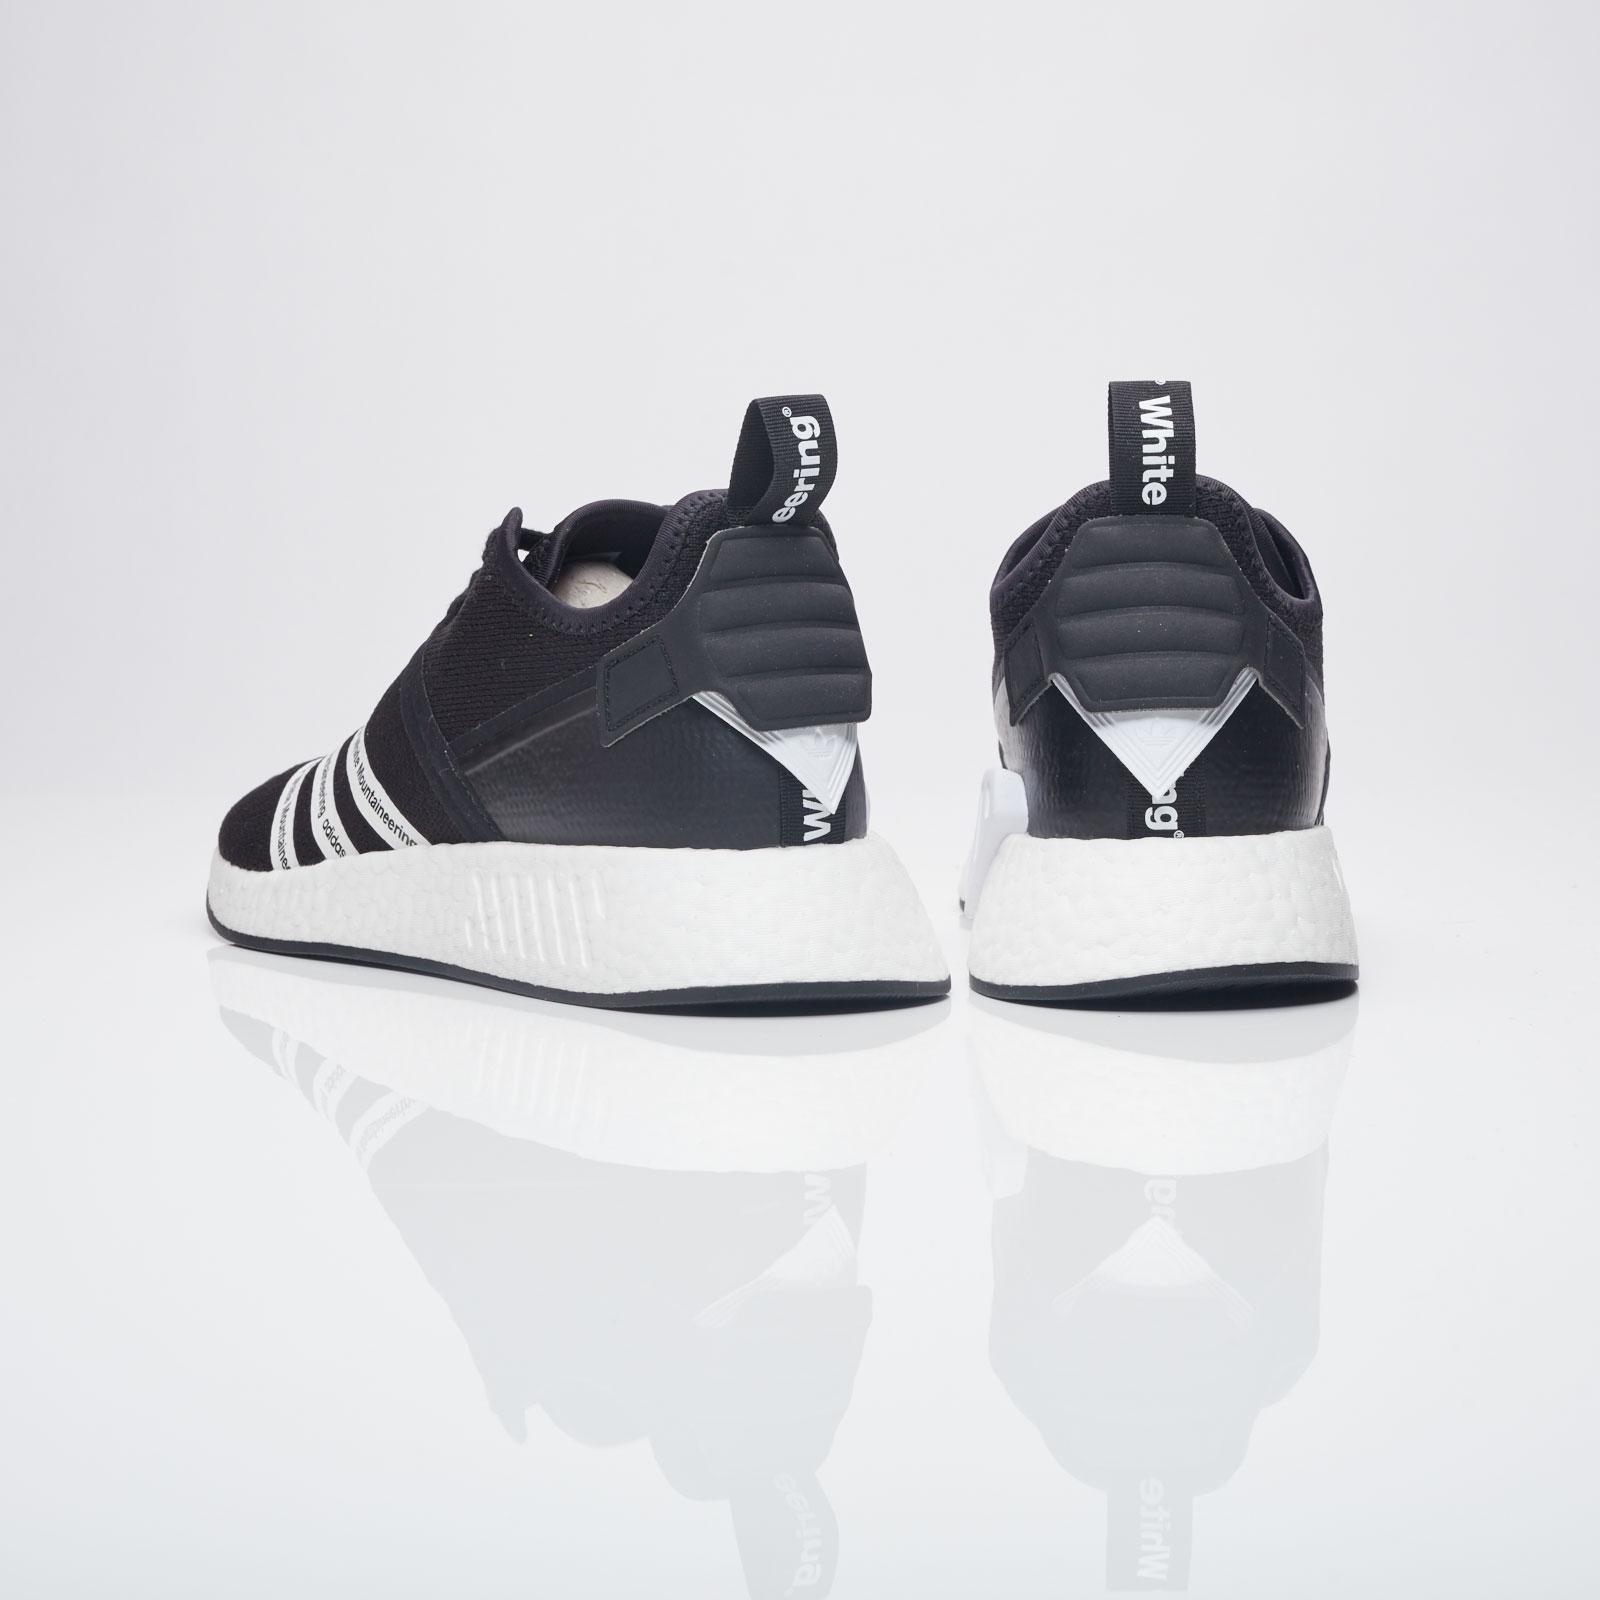 best service f99af e4e1a adidas Wm Nmd R2 Pk - Bb2978 - Sneakersnstuff | sneakers ...